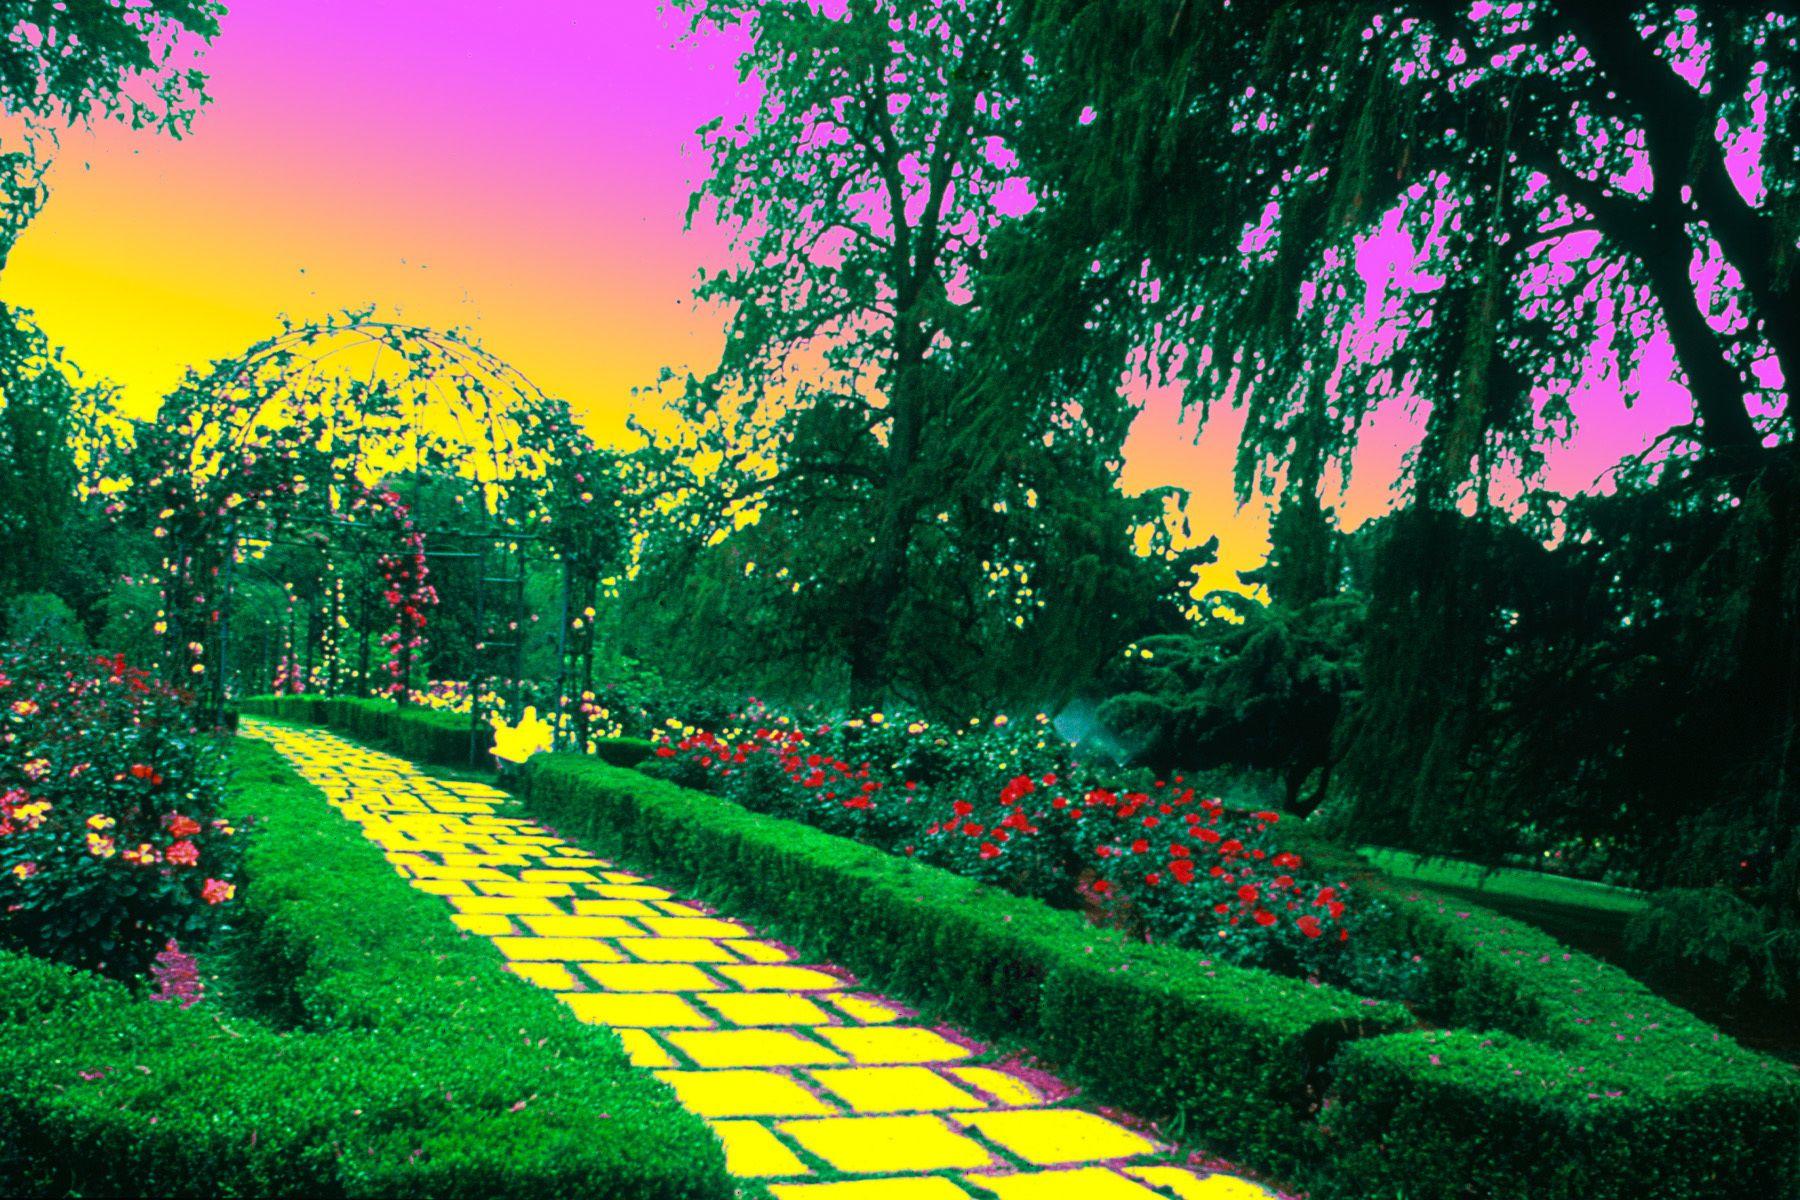 5_0_160_1l_gottlieb_garden_stone_path.jpg